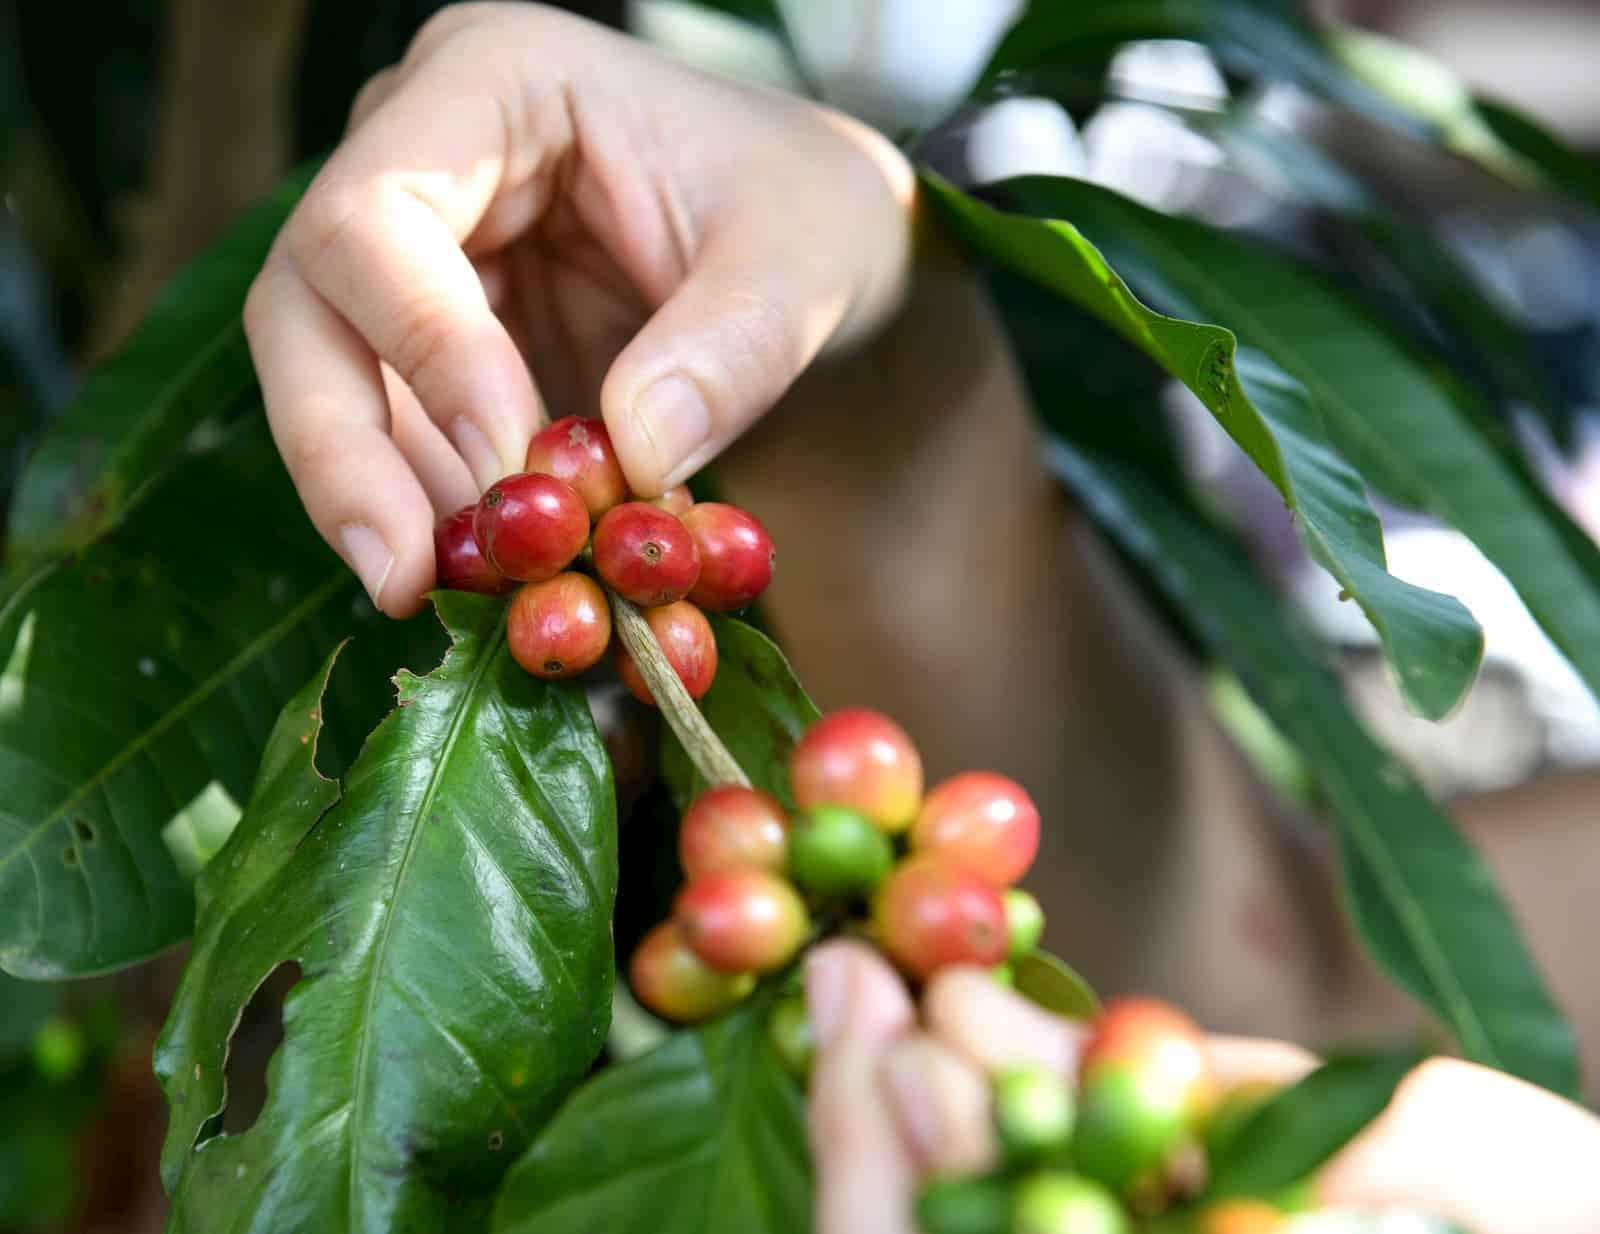 colhendo os grãos do fruto de café